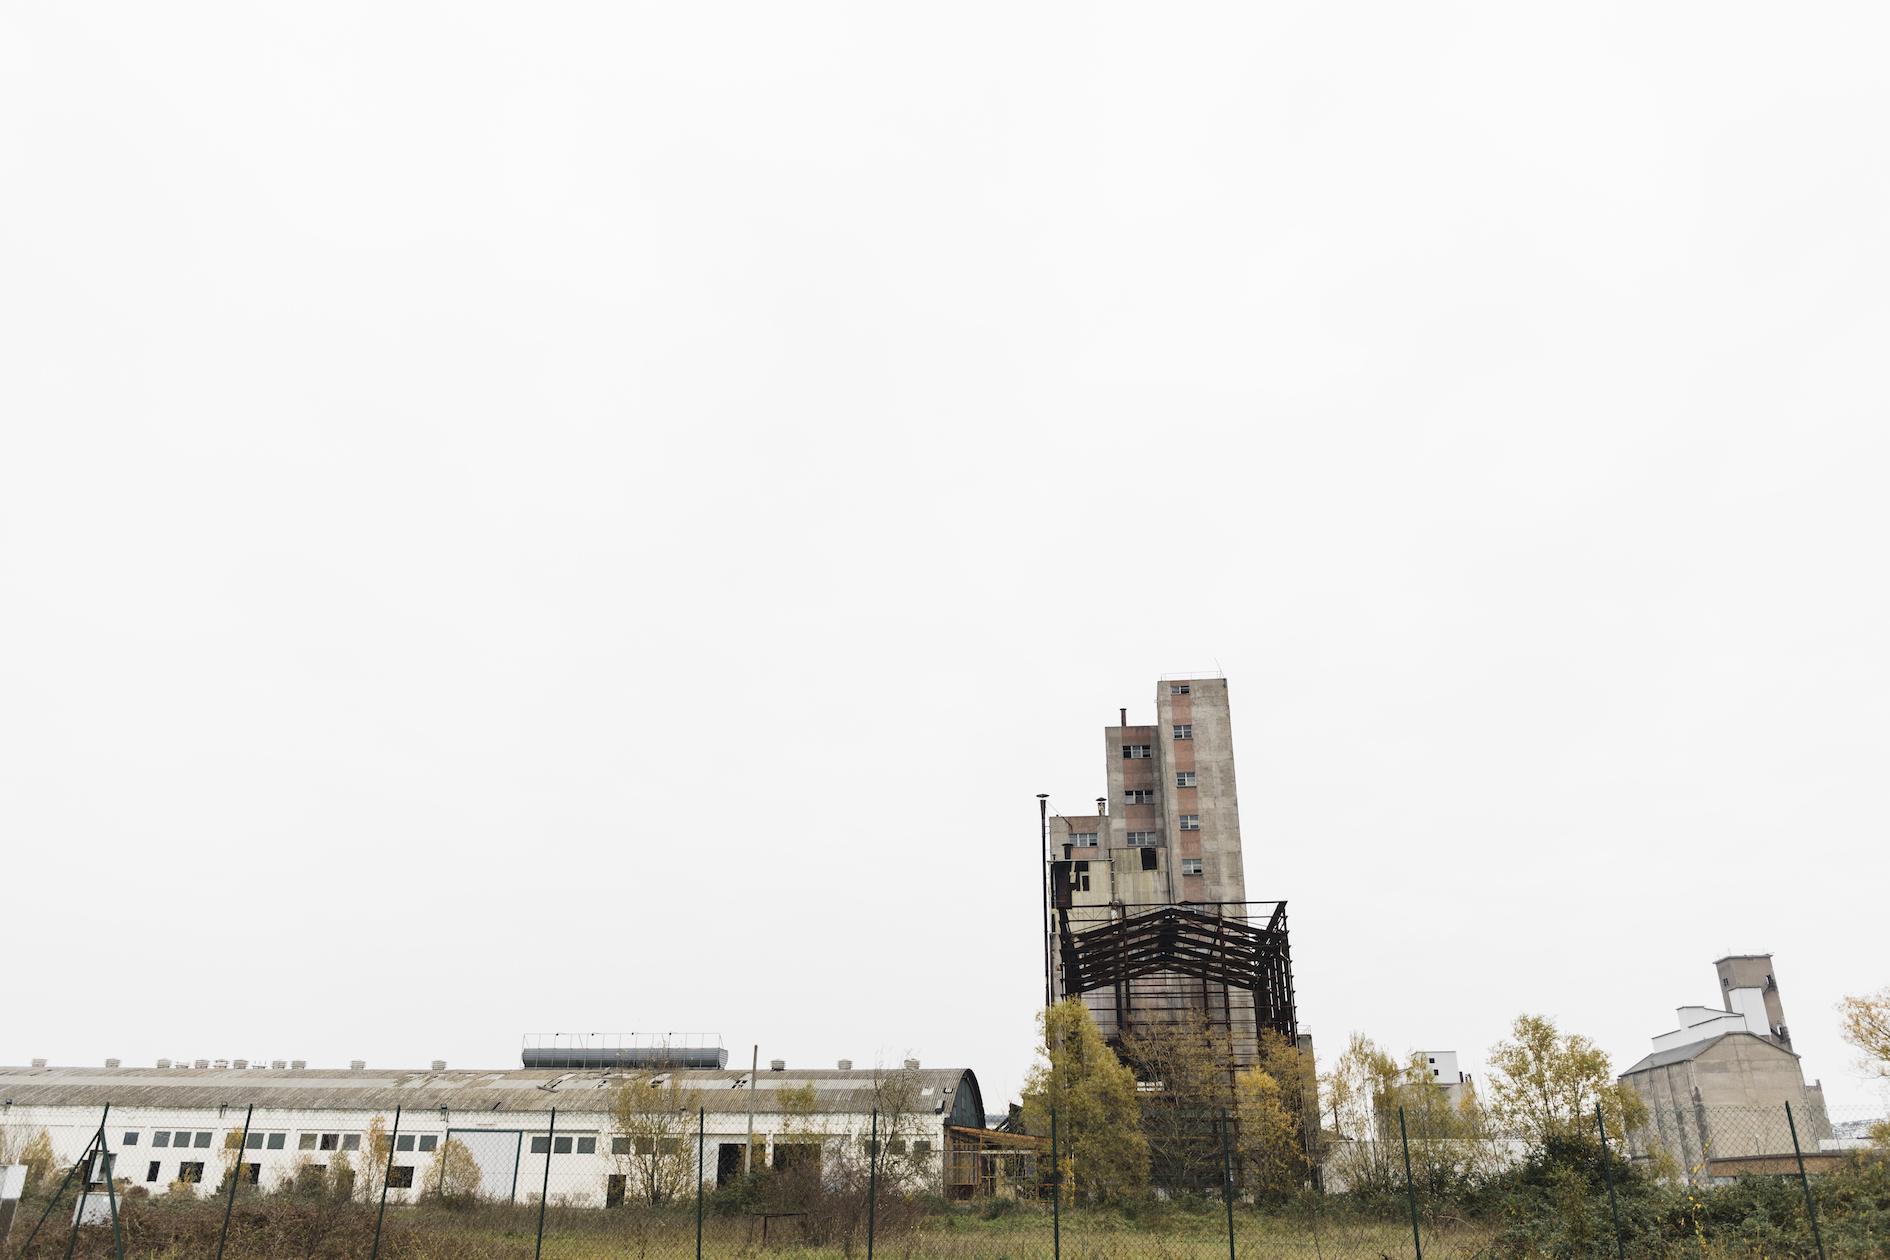 Quando a Marghera si è rischiata una strage chimica - Motherboard Testo di Marco De Vidi Foto di Camilla Martini / LeStraniere Photojournalist Photographer